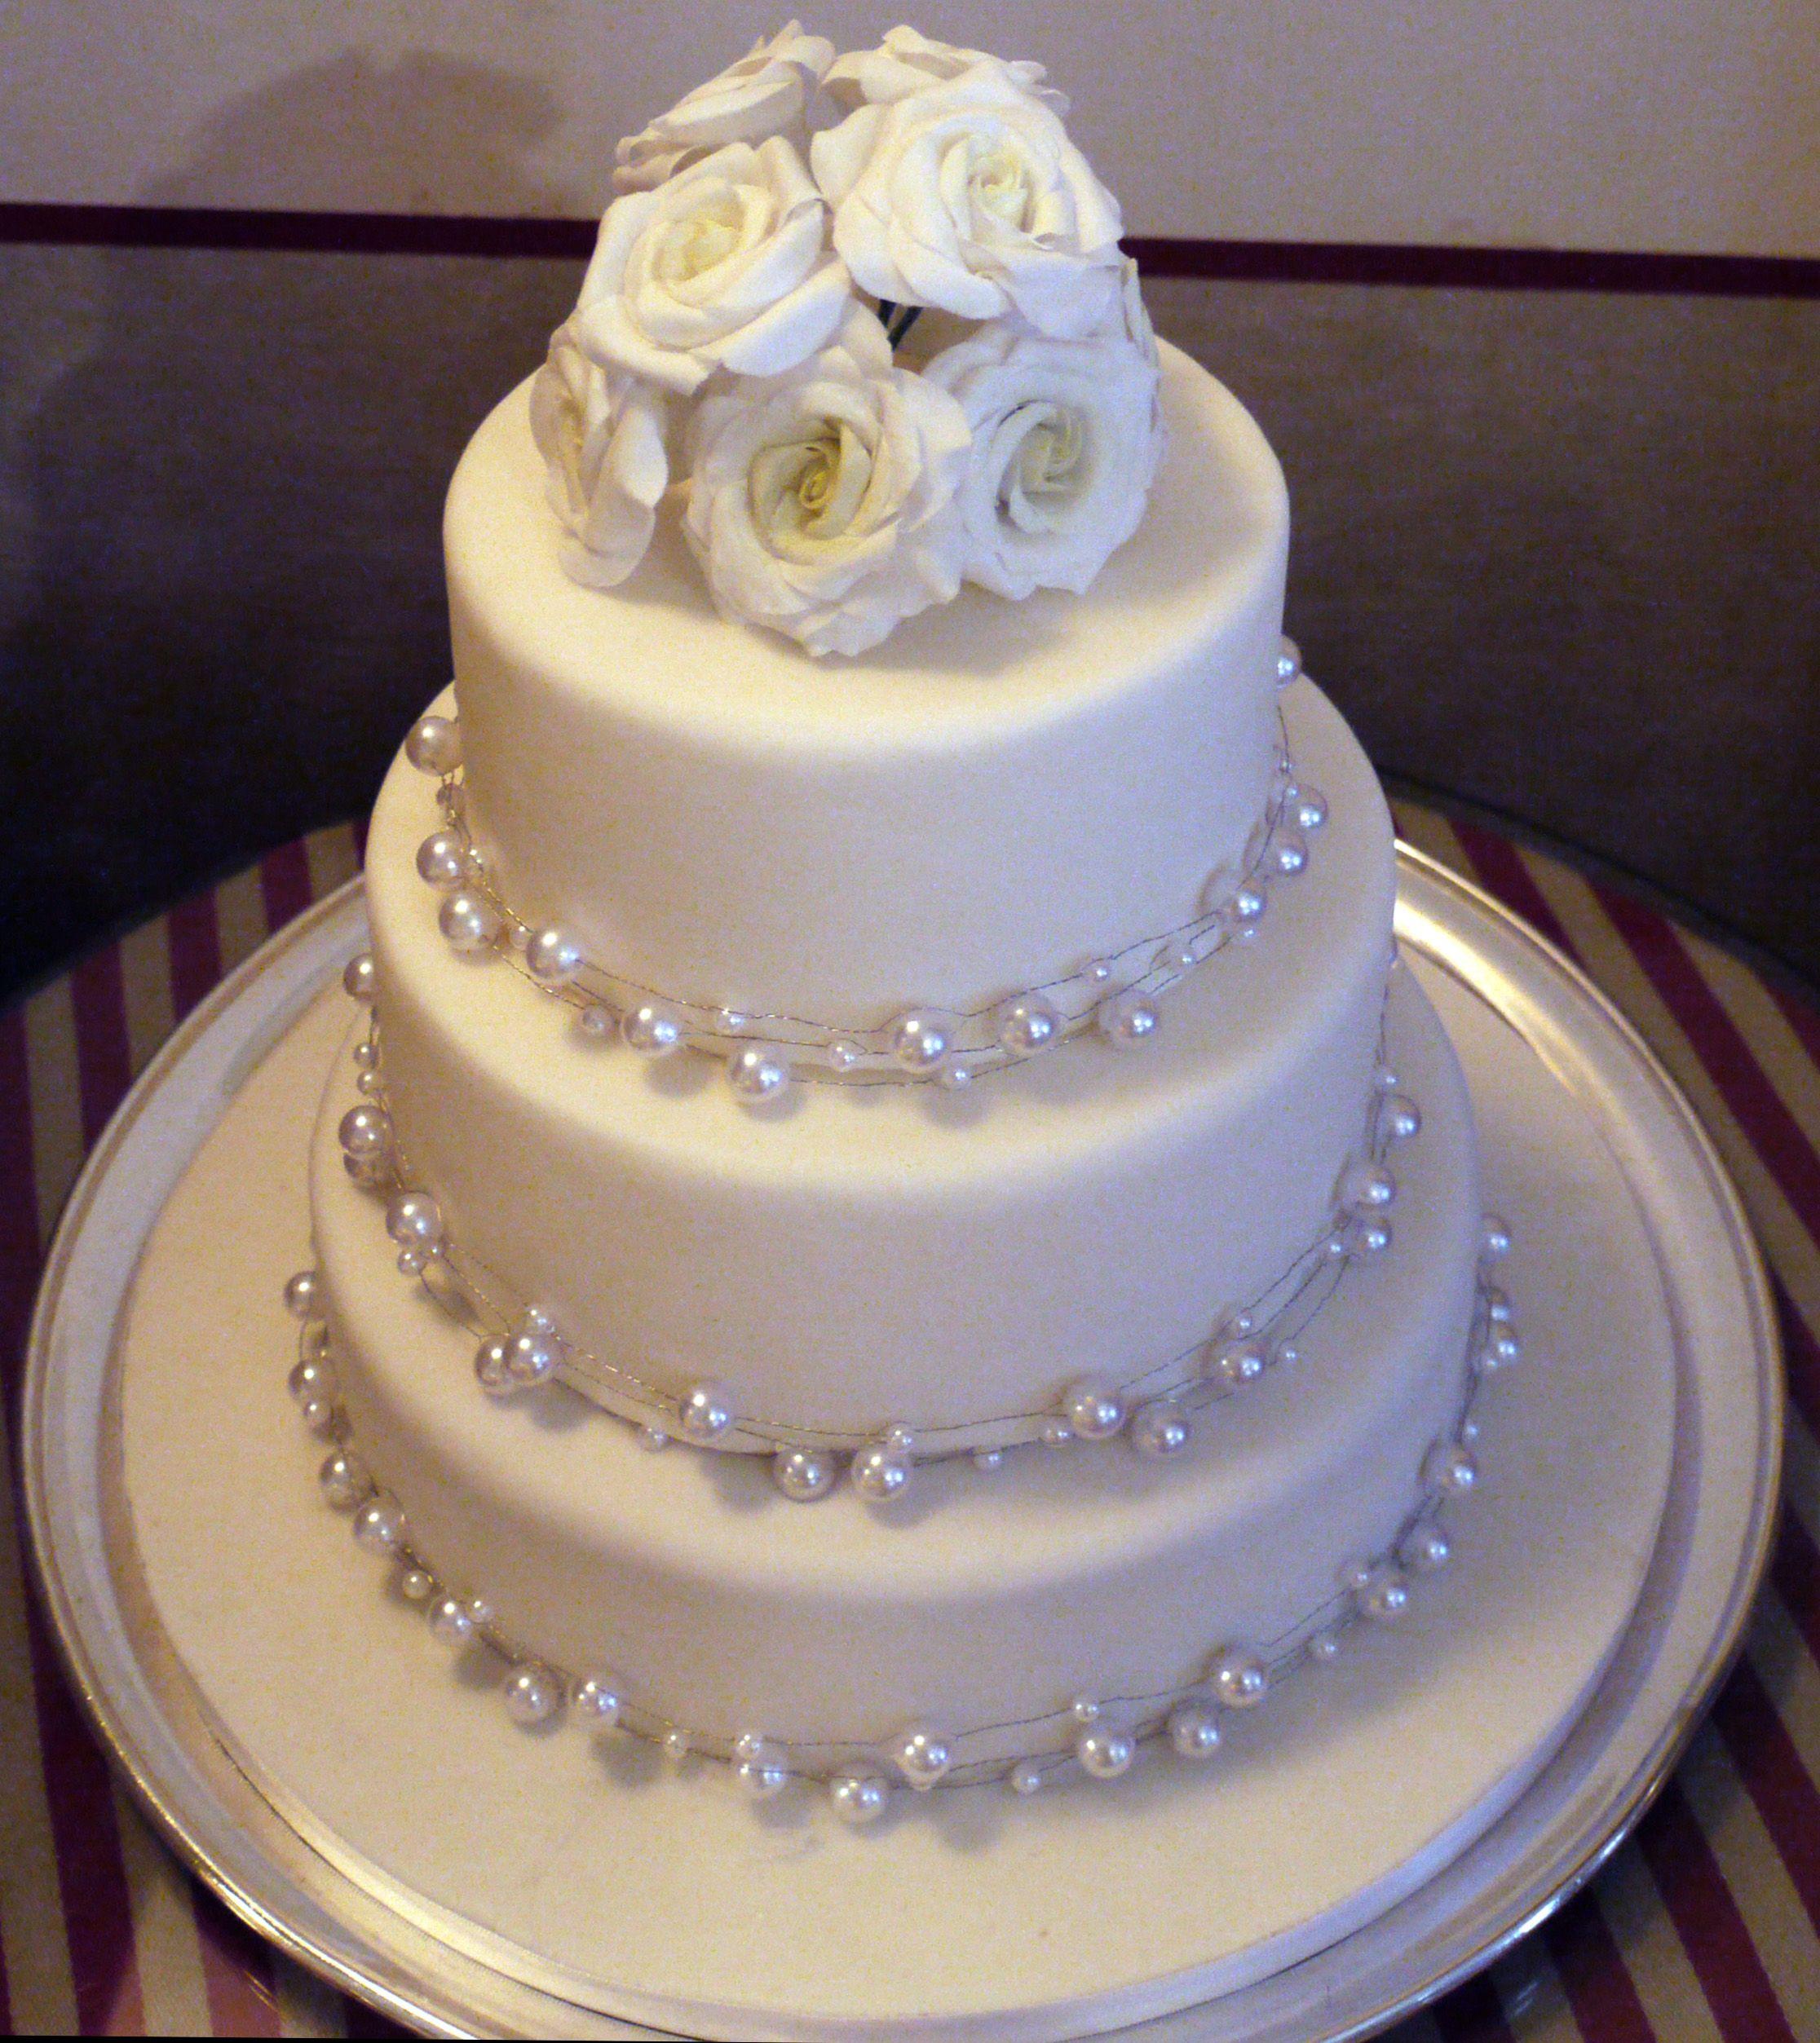 Wedding cake decorations wedding cakes pinterest wedding